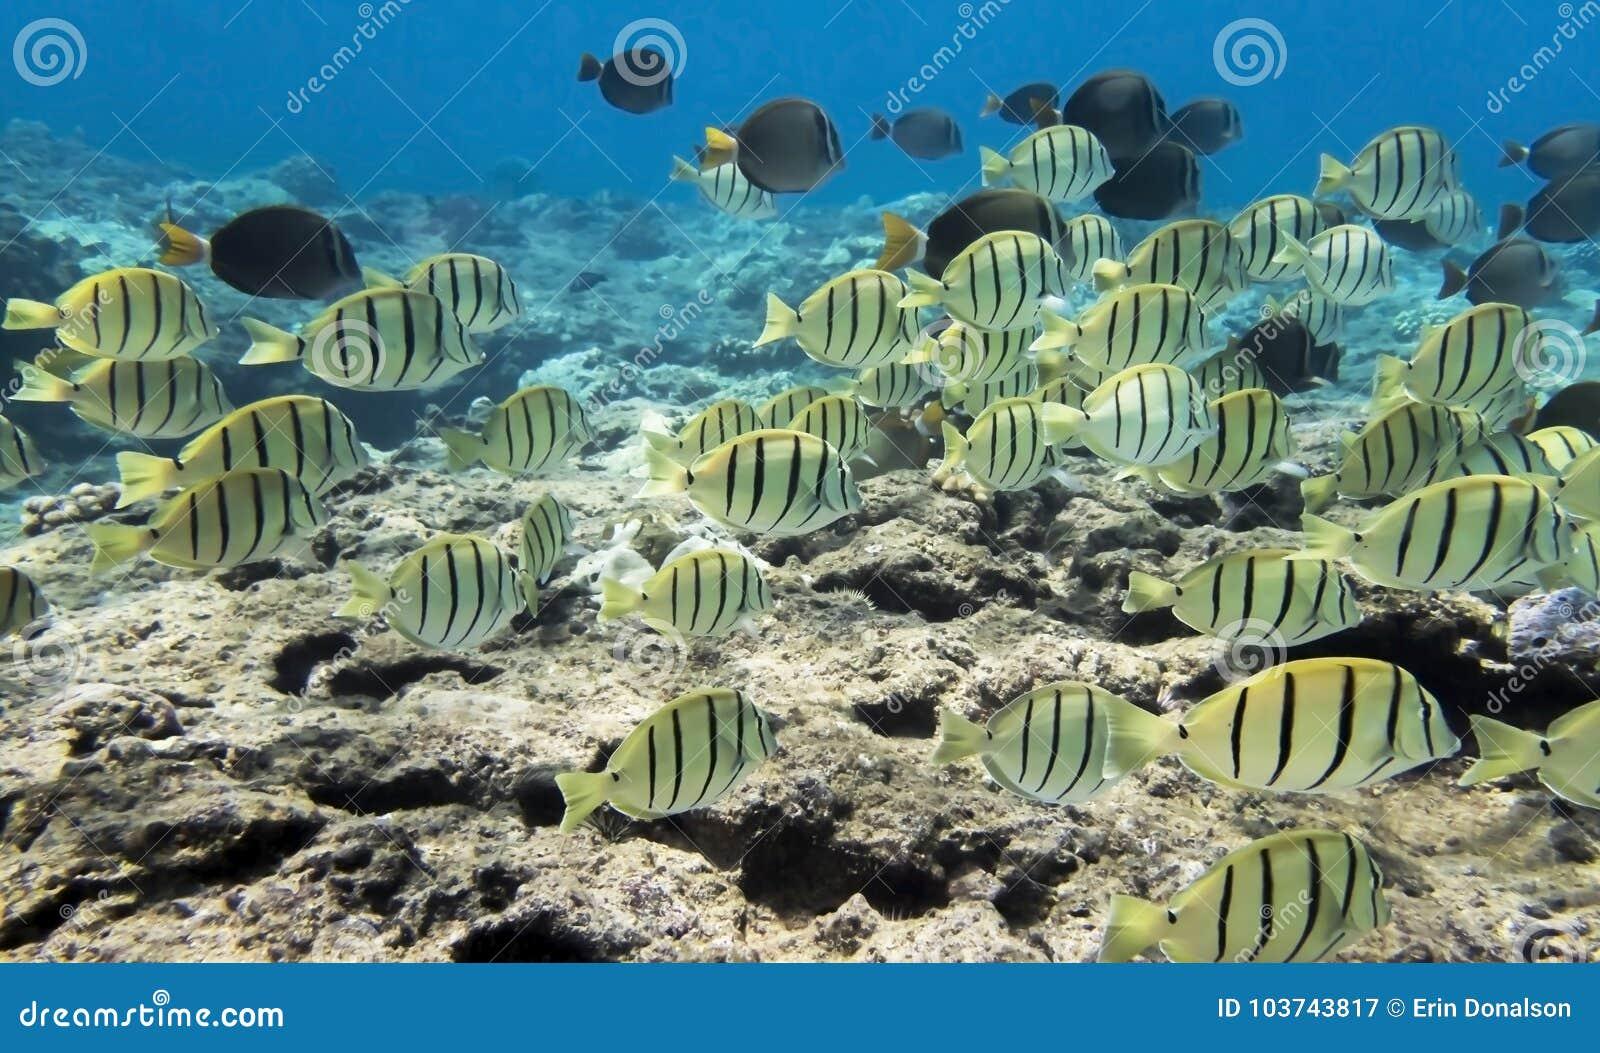 École de forçat rayé jaune Tang Reef Fish Underwater